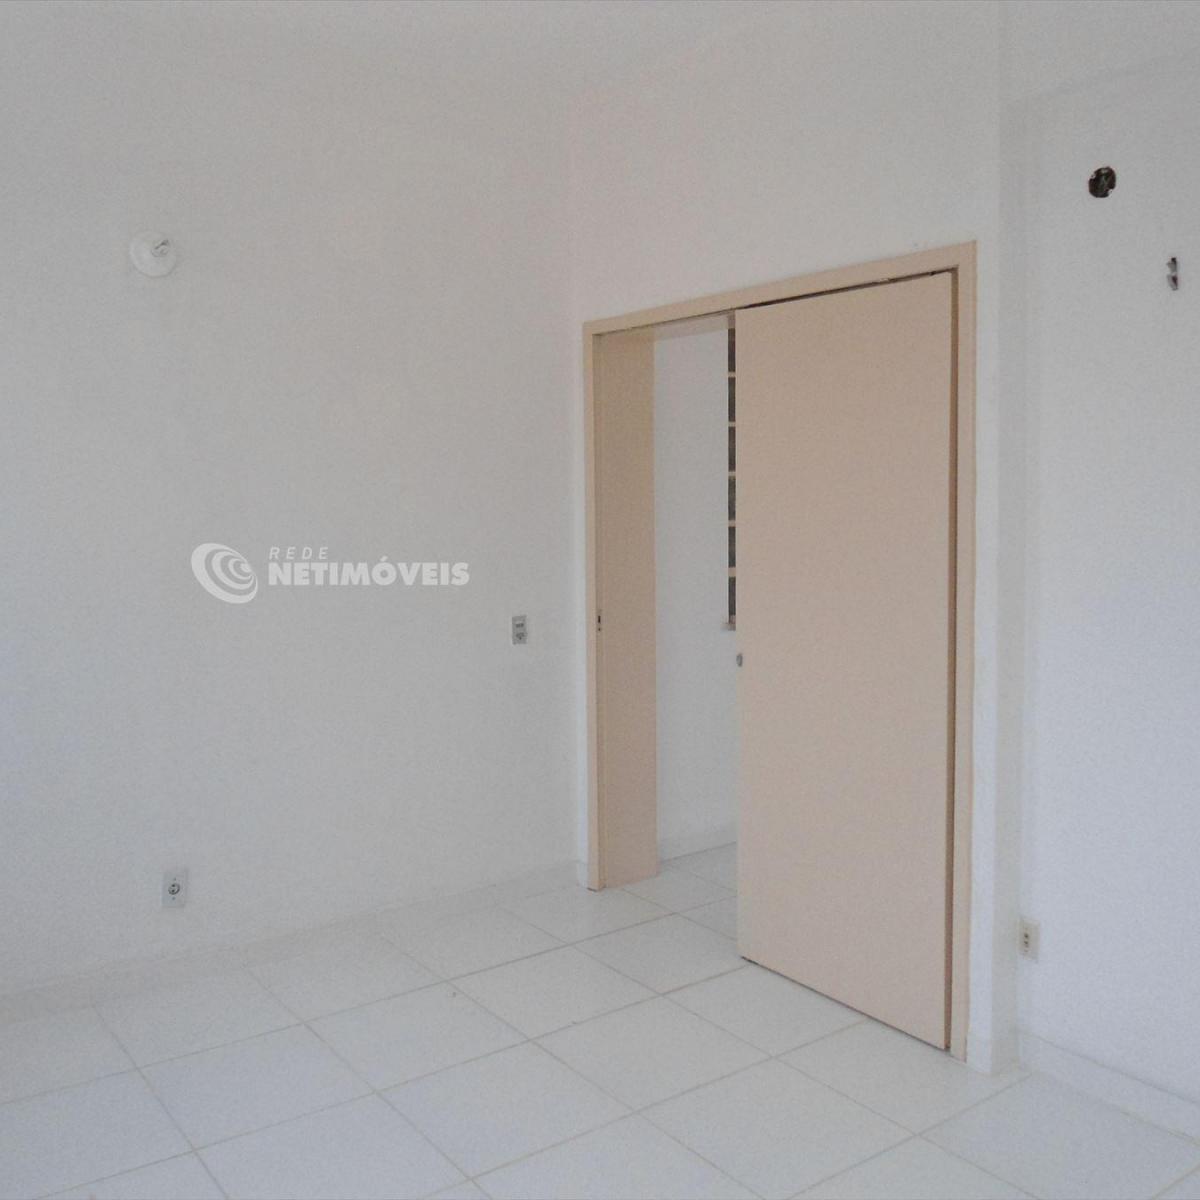 #745E4D Apartamento para aluguel com 3 Quartos Roma Salvador R$ 1.300 120  1200x1200 px Casas Bahia Armario De Cozinha 200 Reais #1615 imagens